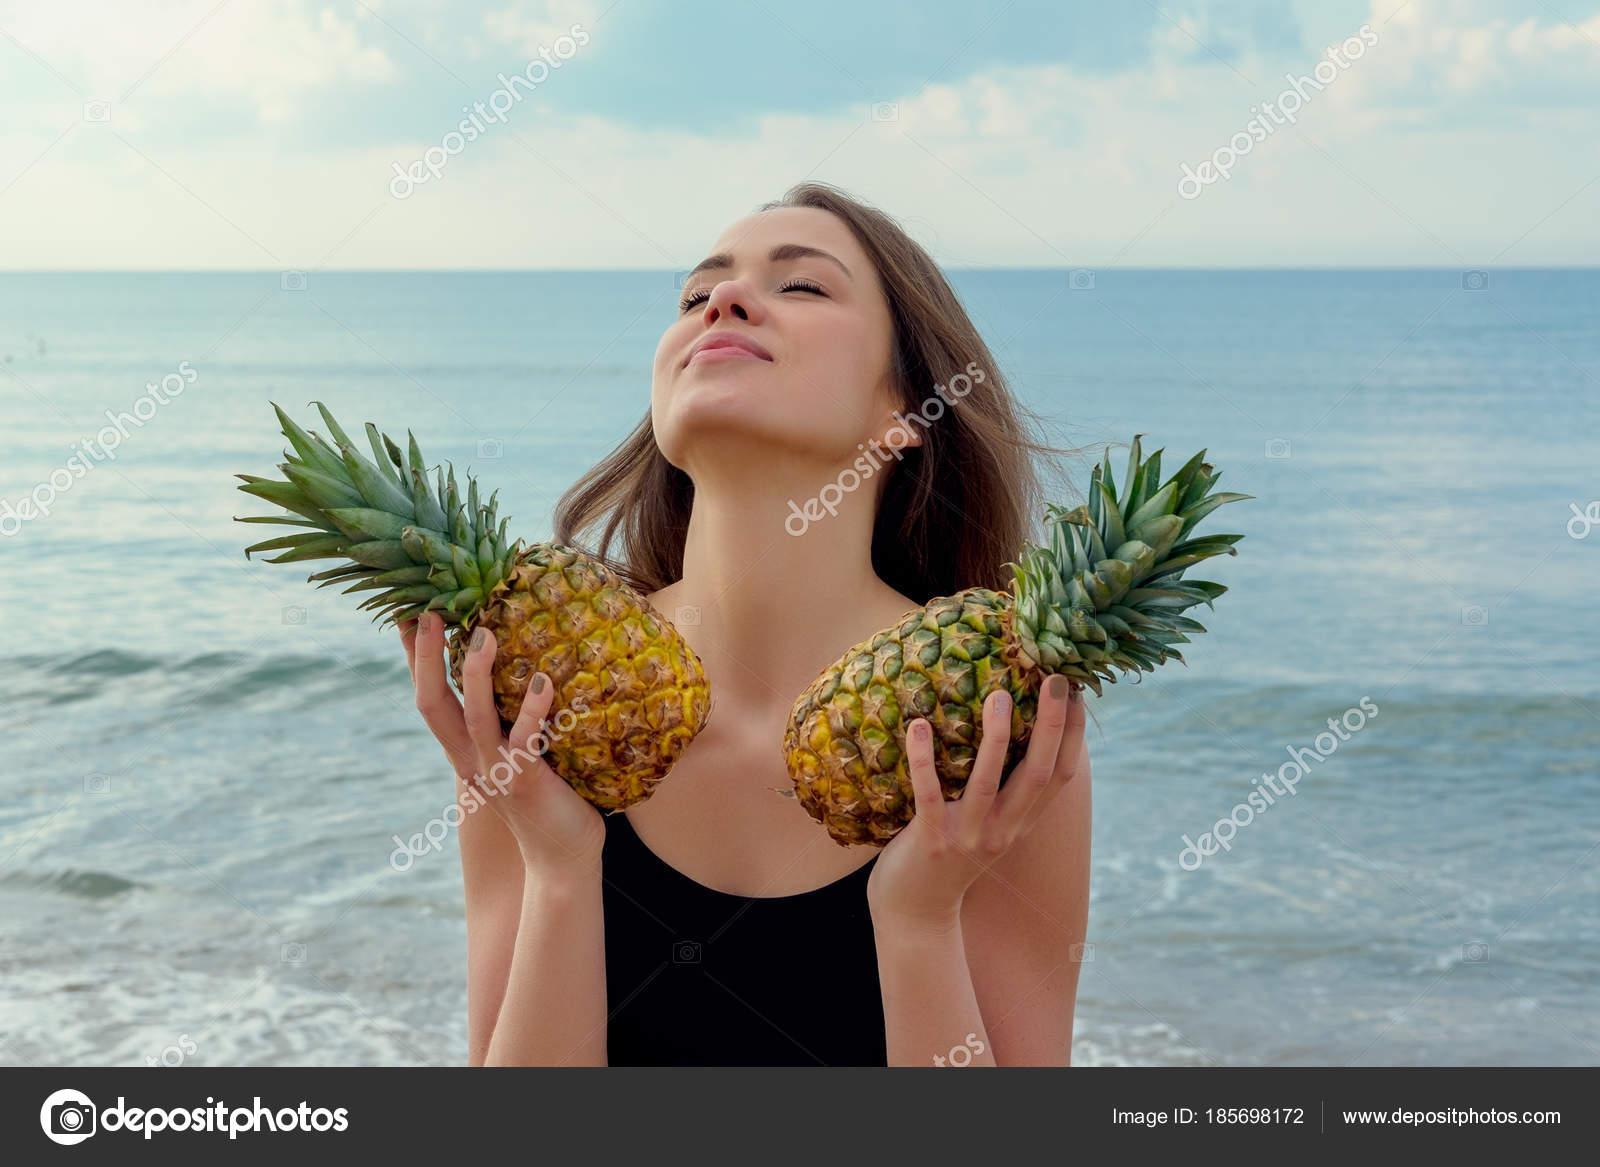 Сексуальность женщины по фруктам